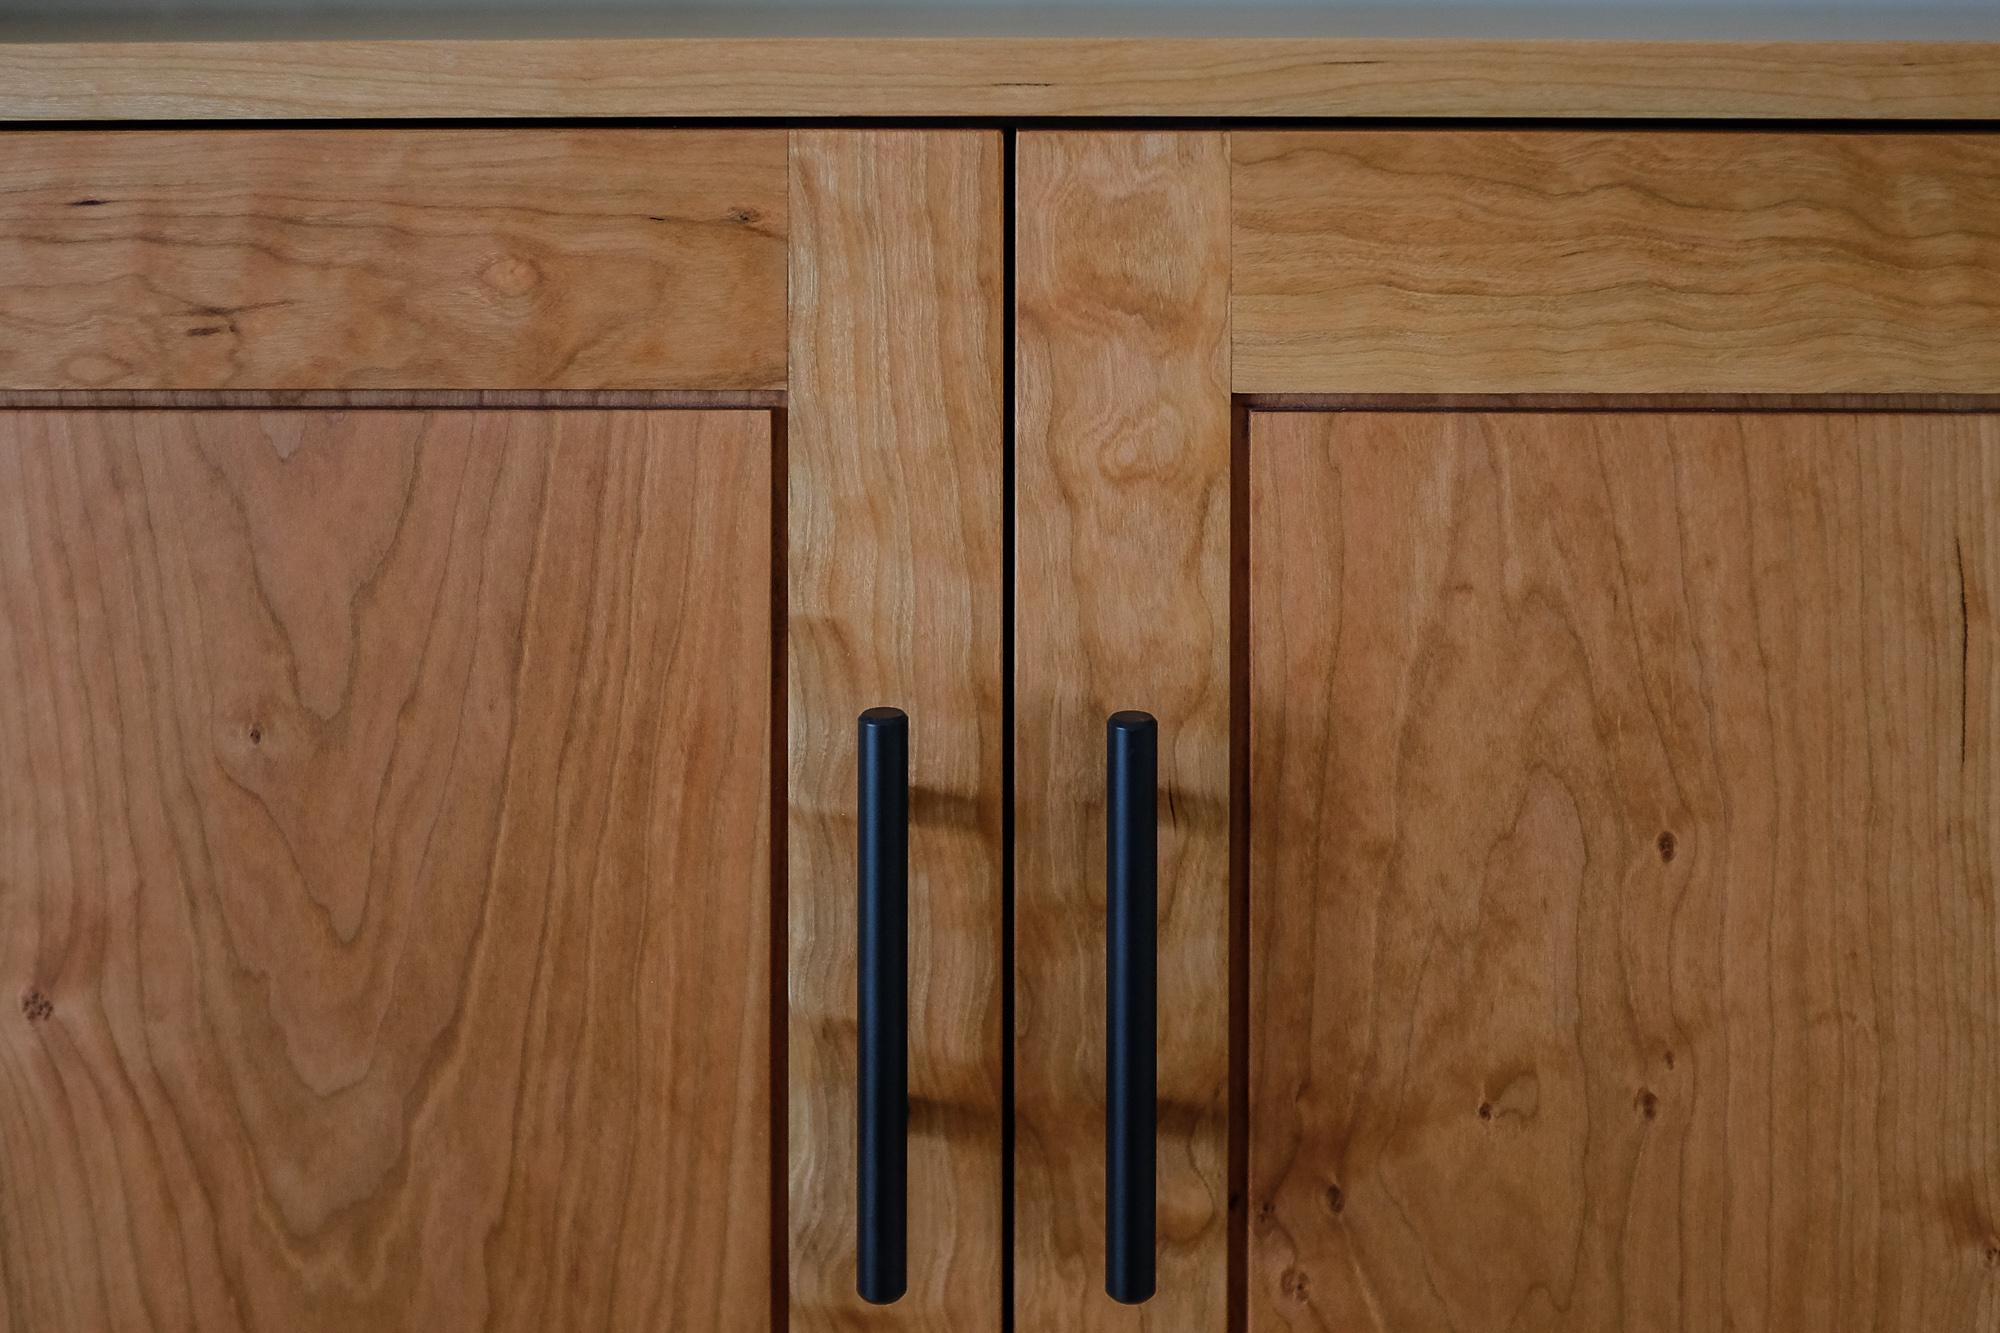 Detail of the door panel margins.